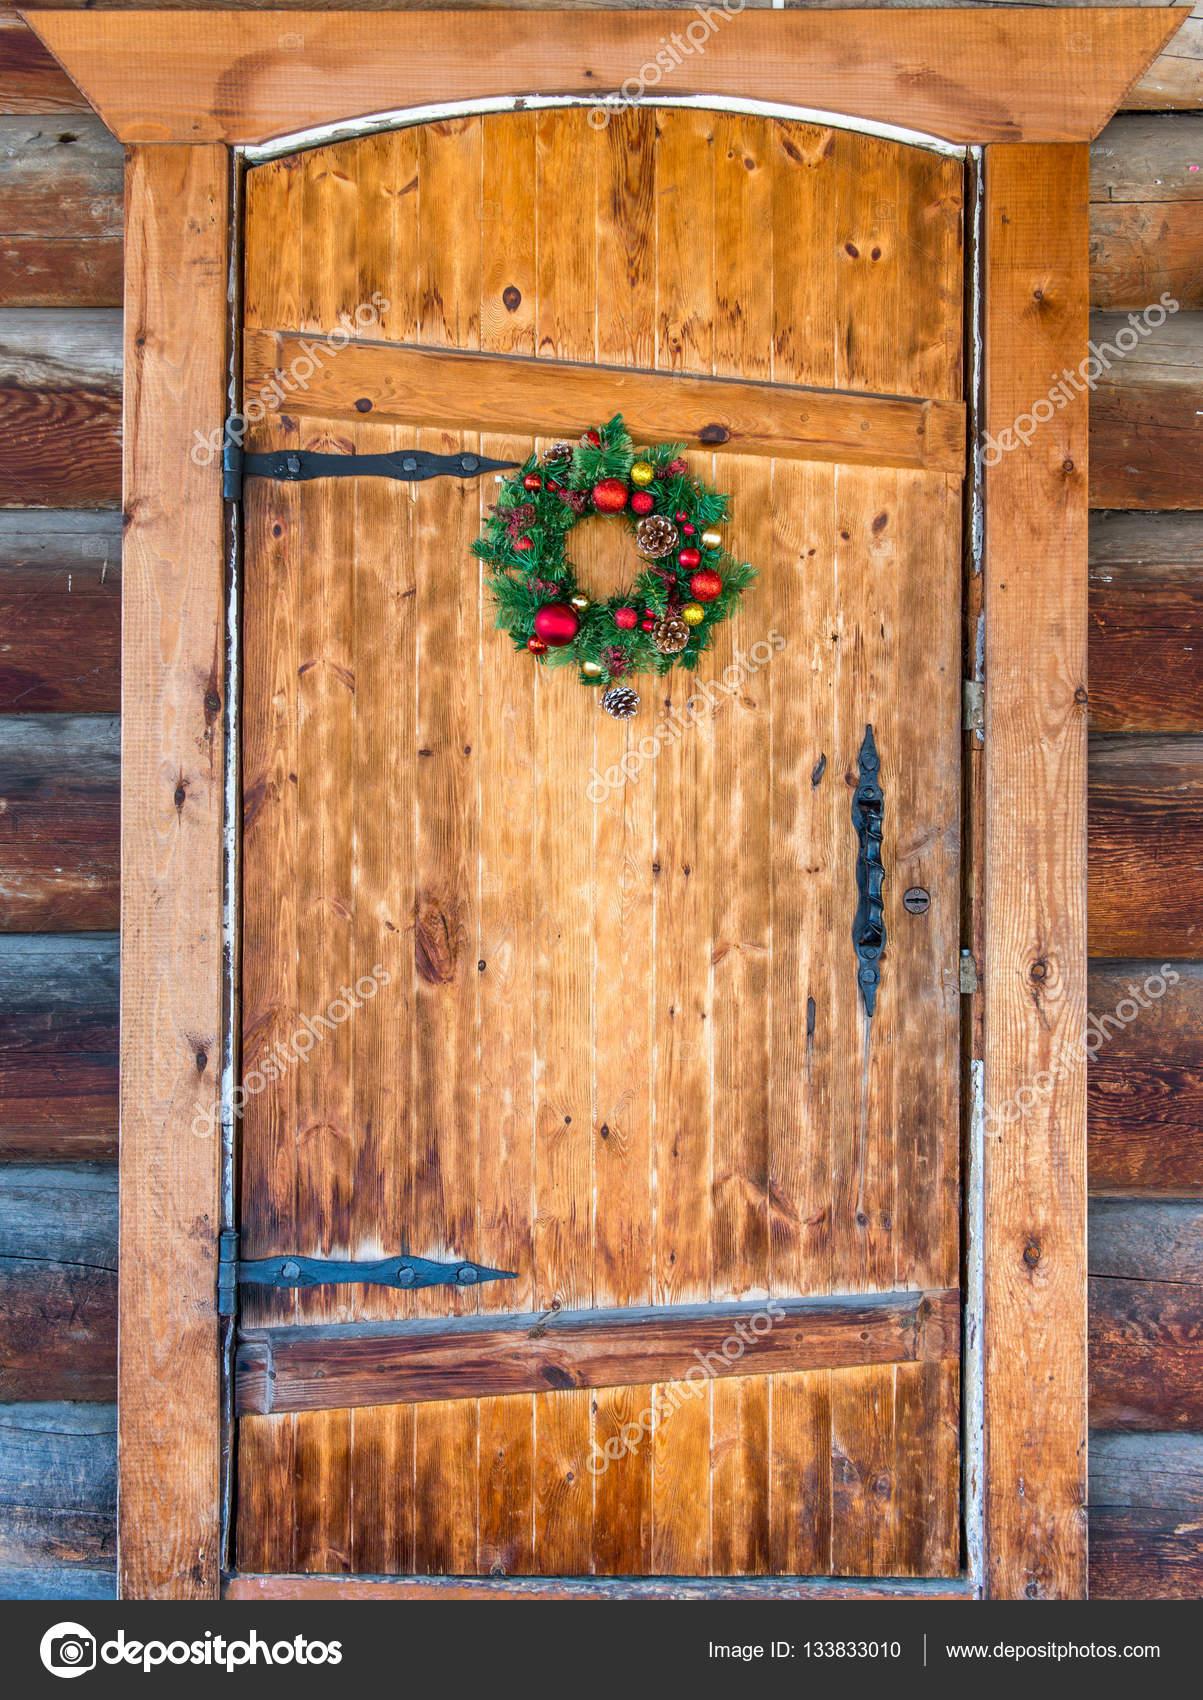 Puertas de navidad decoradas fotos de stock agnormark for Fotos de puertas decoradas de navidad